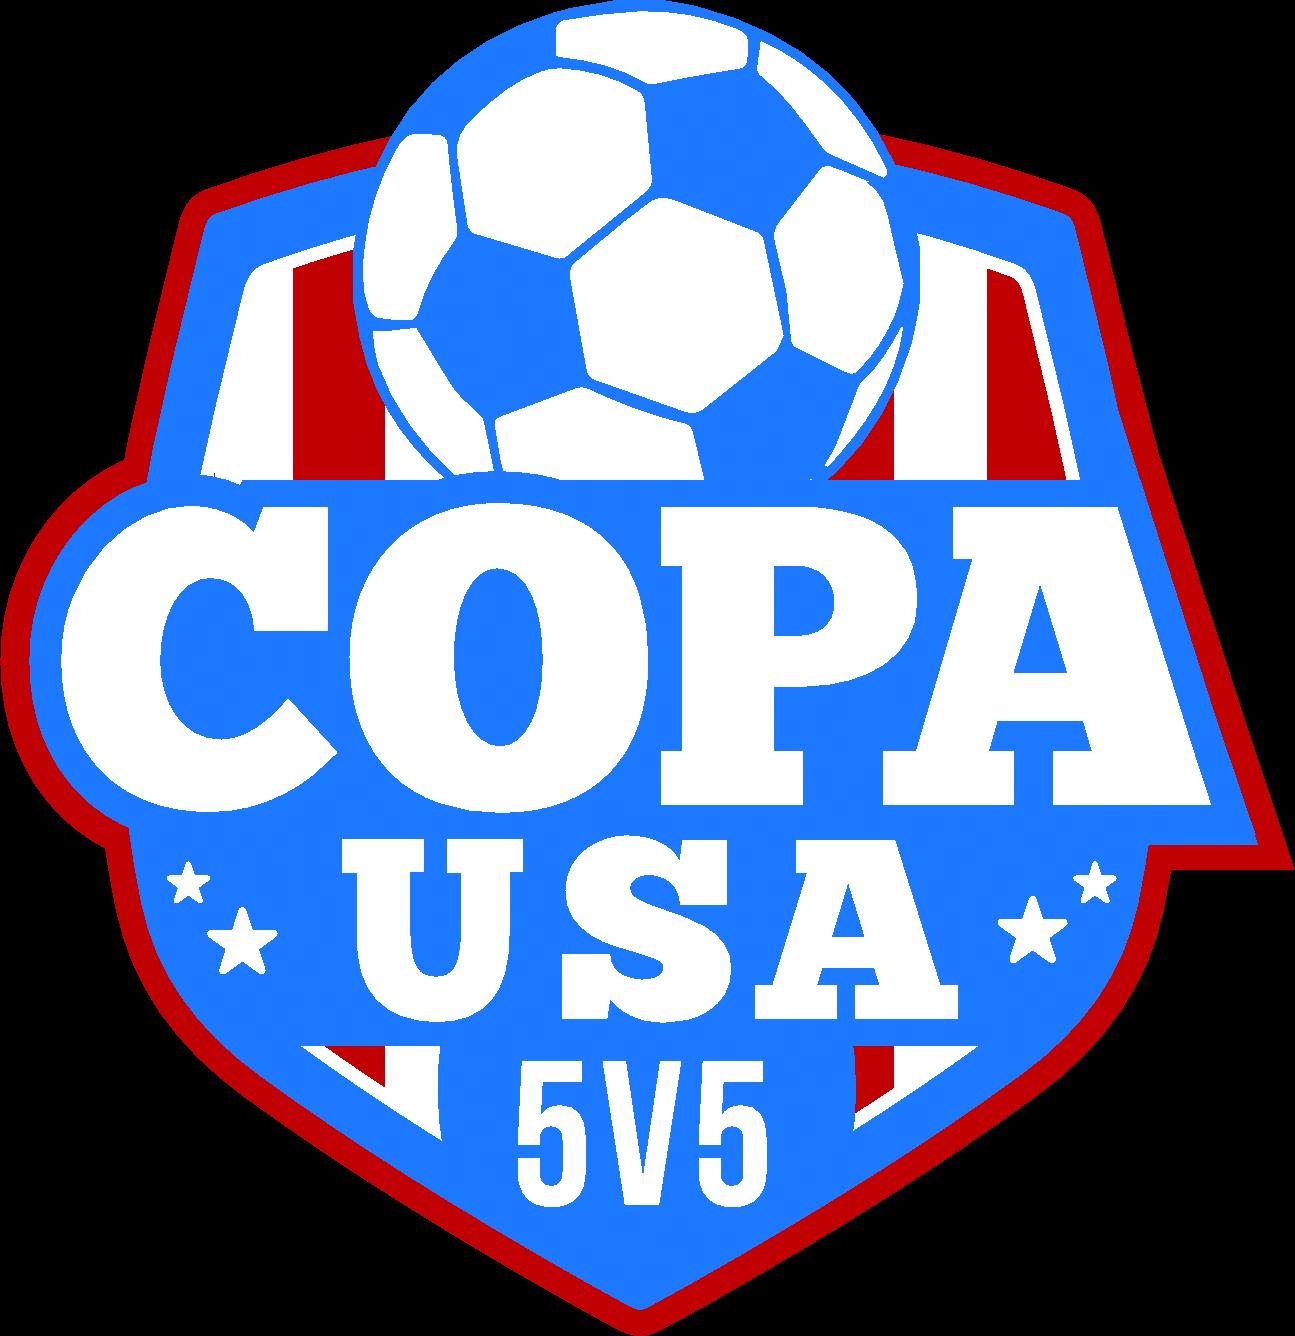 CopaUSA5v5